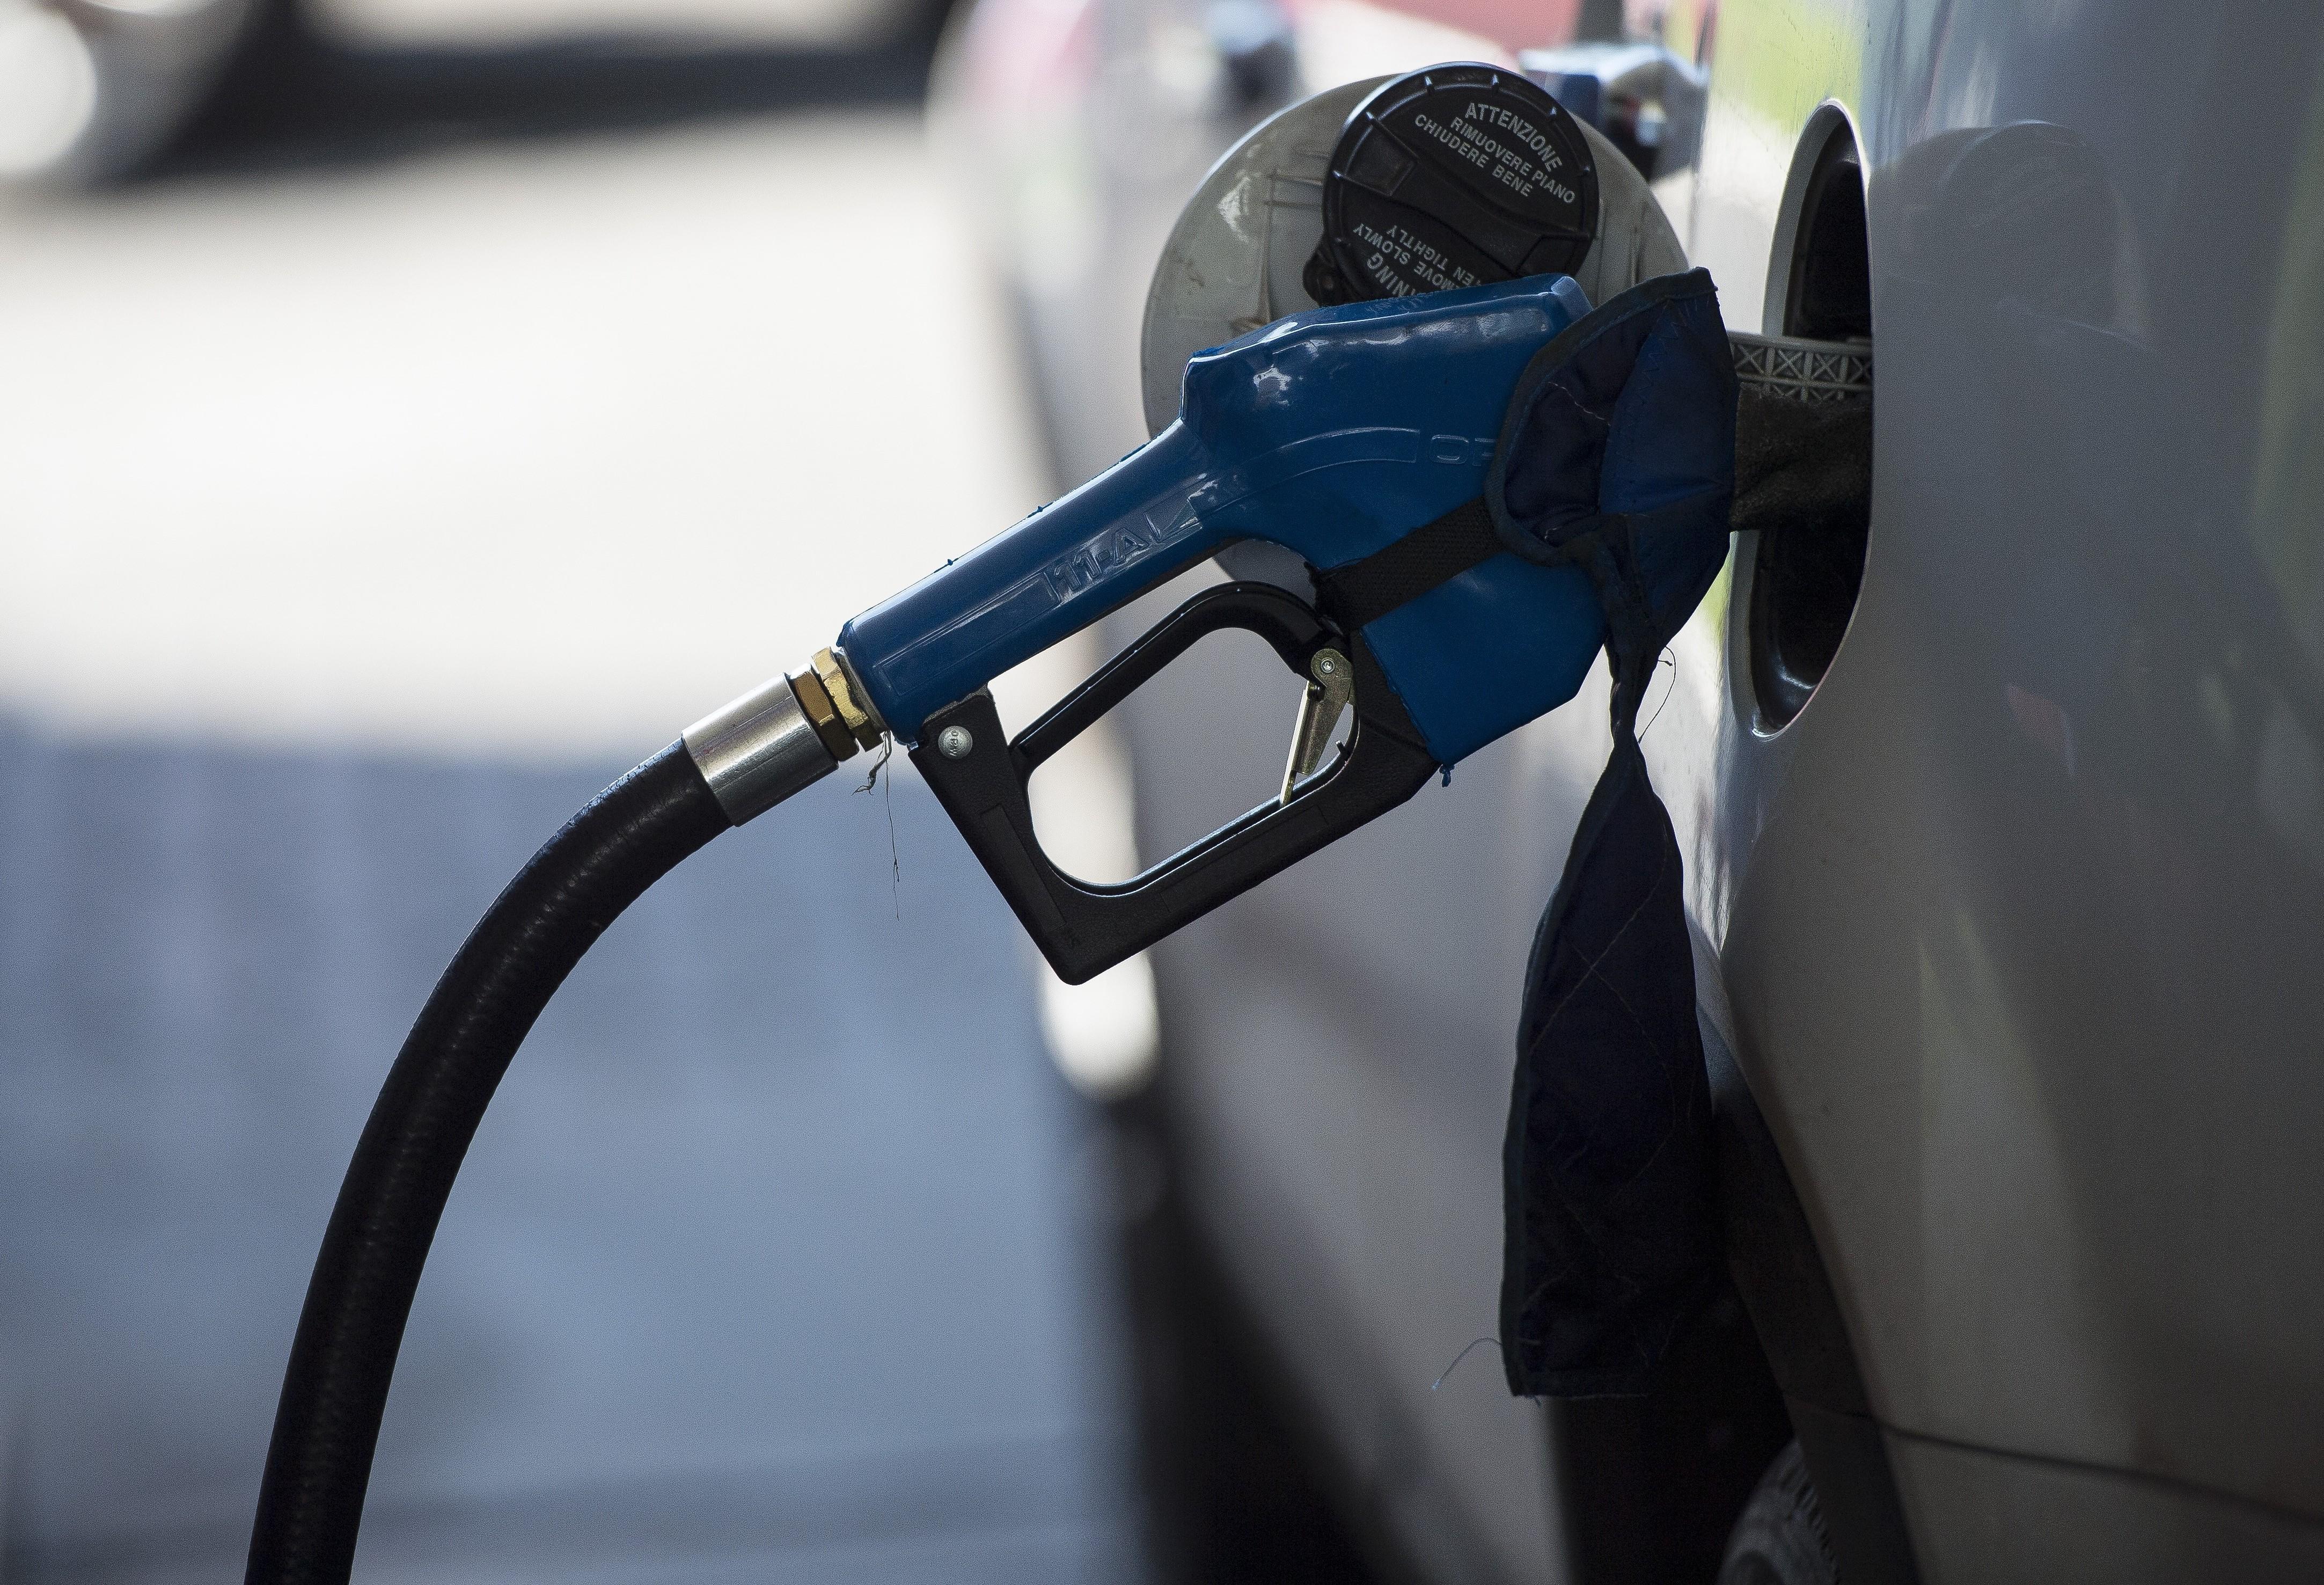 Variação no preço do combustível, qual a lógica?